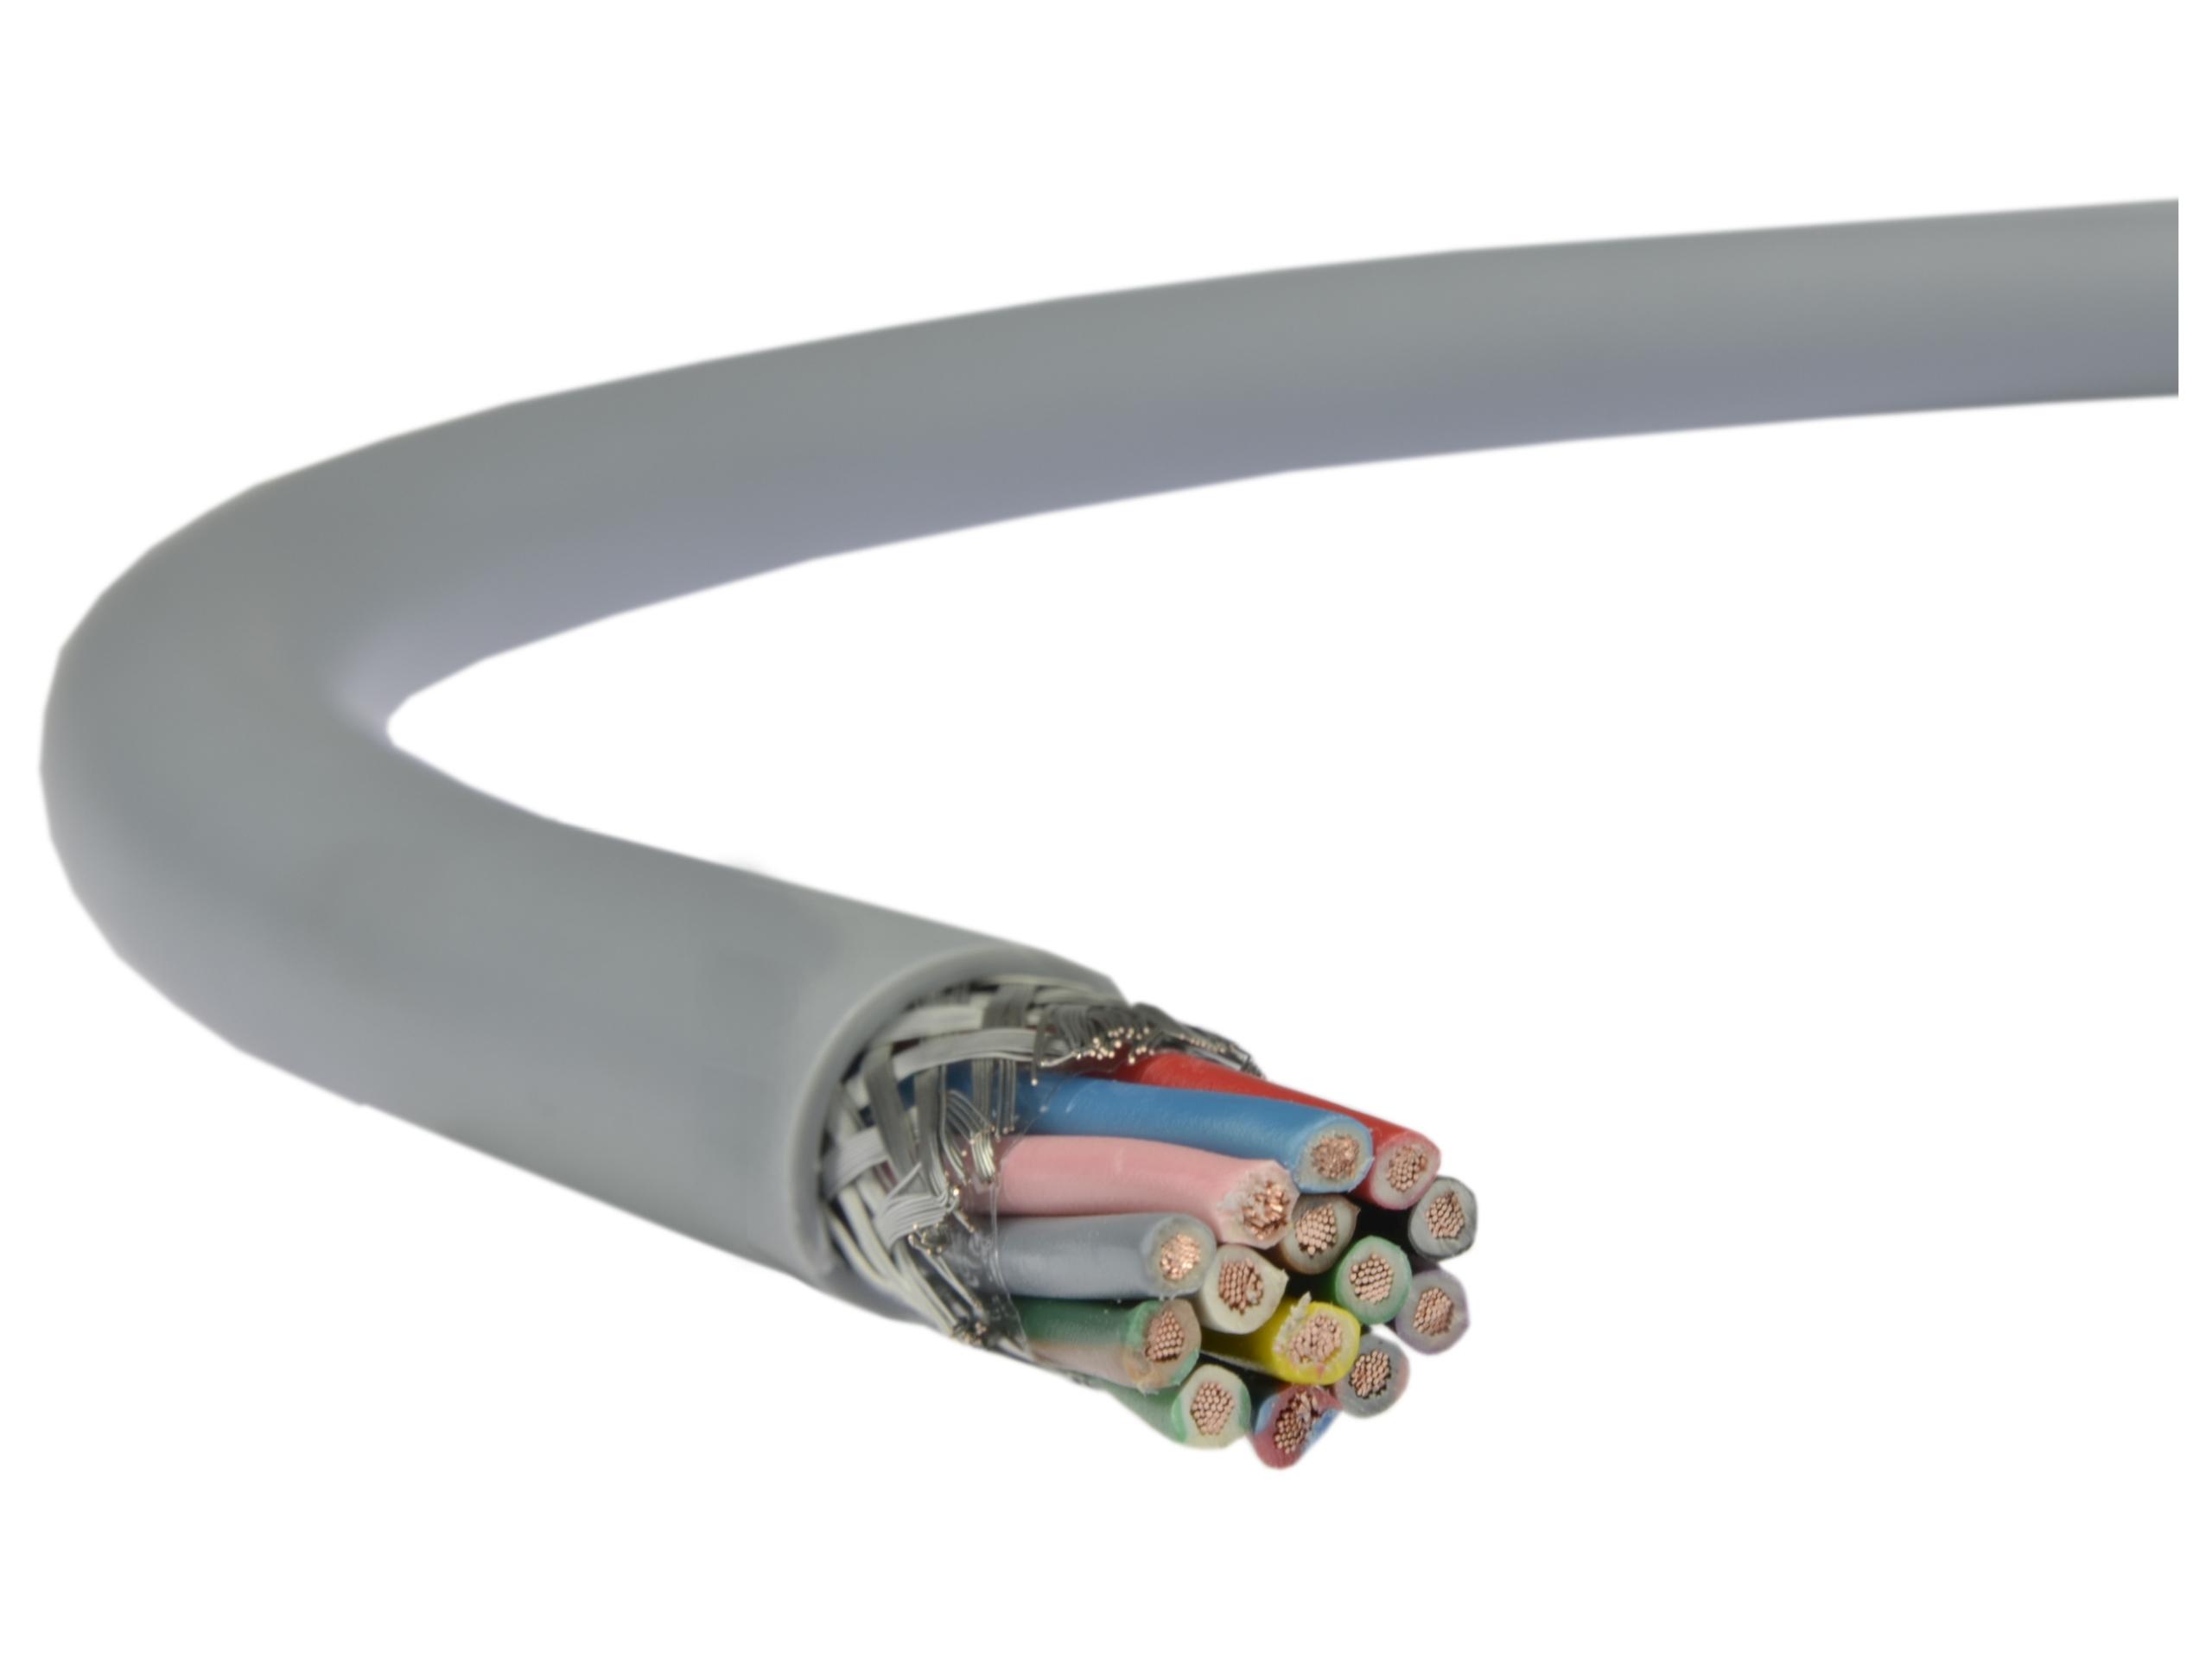 Kábel na riadenie kábla v obrazovke Liycy 14x0,5